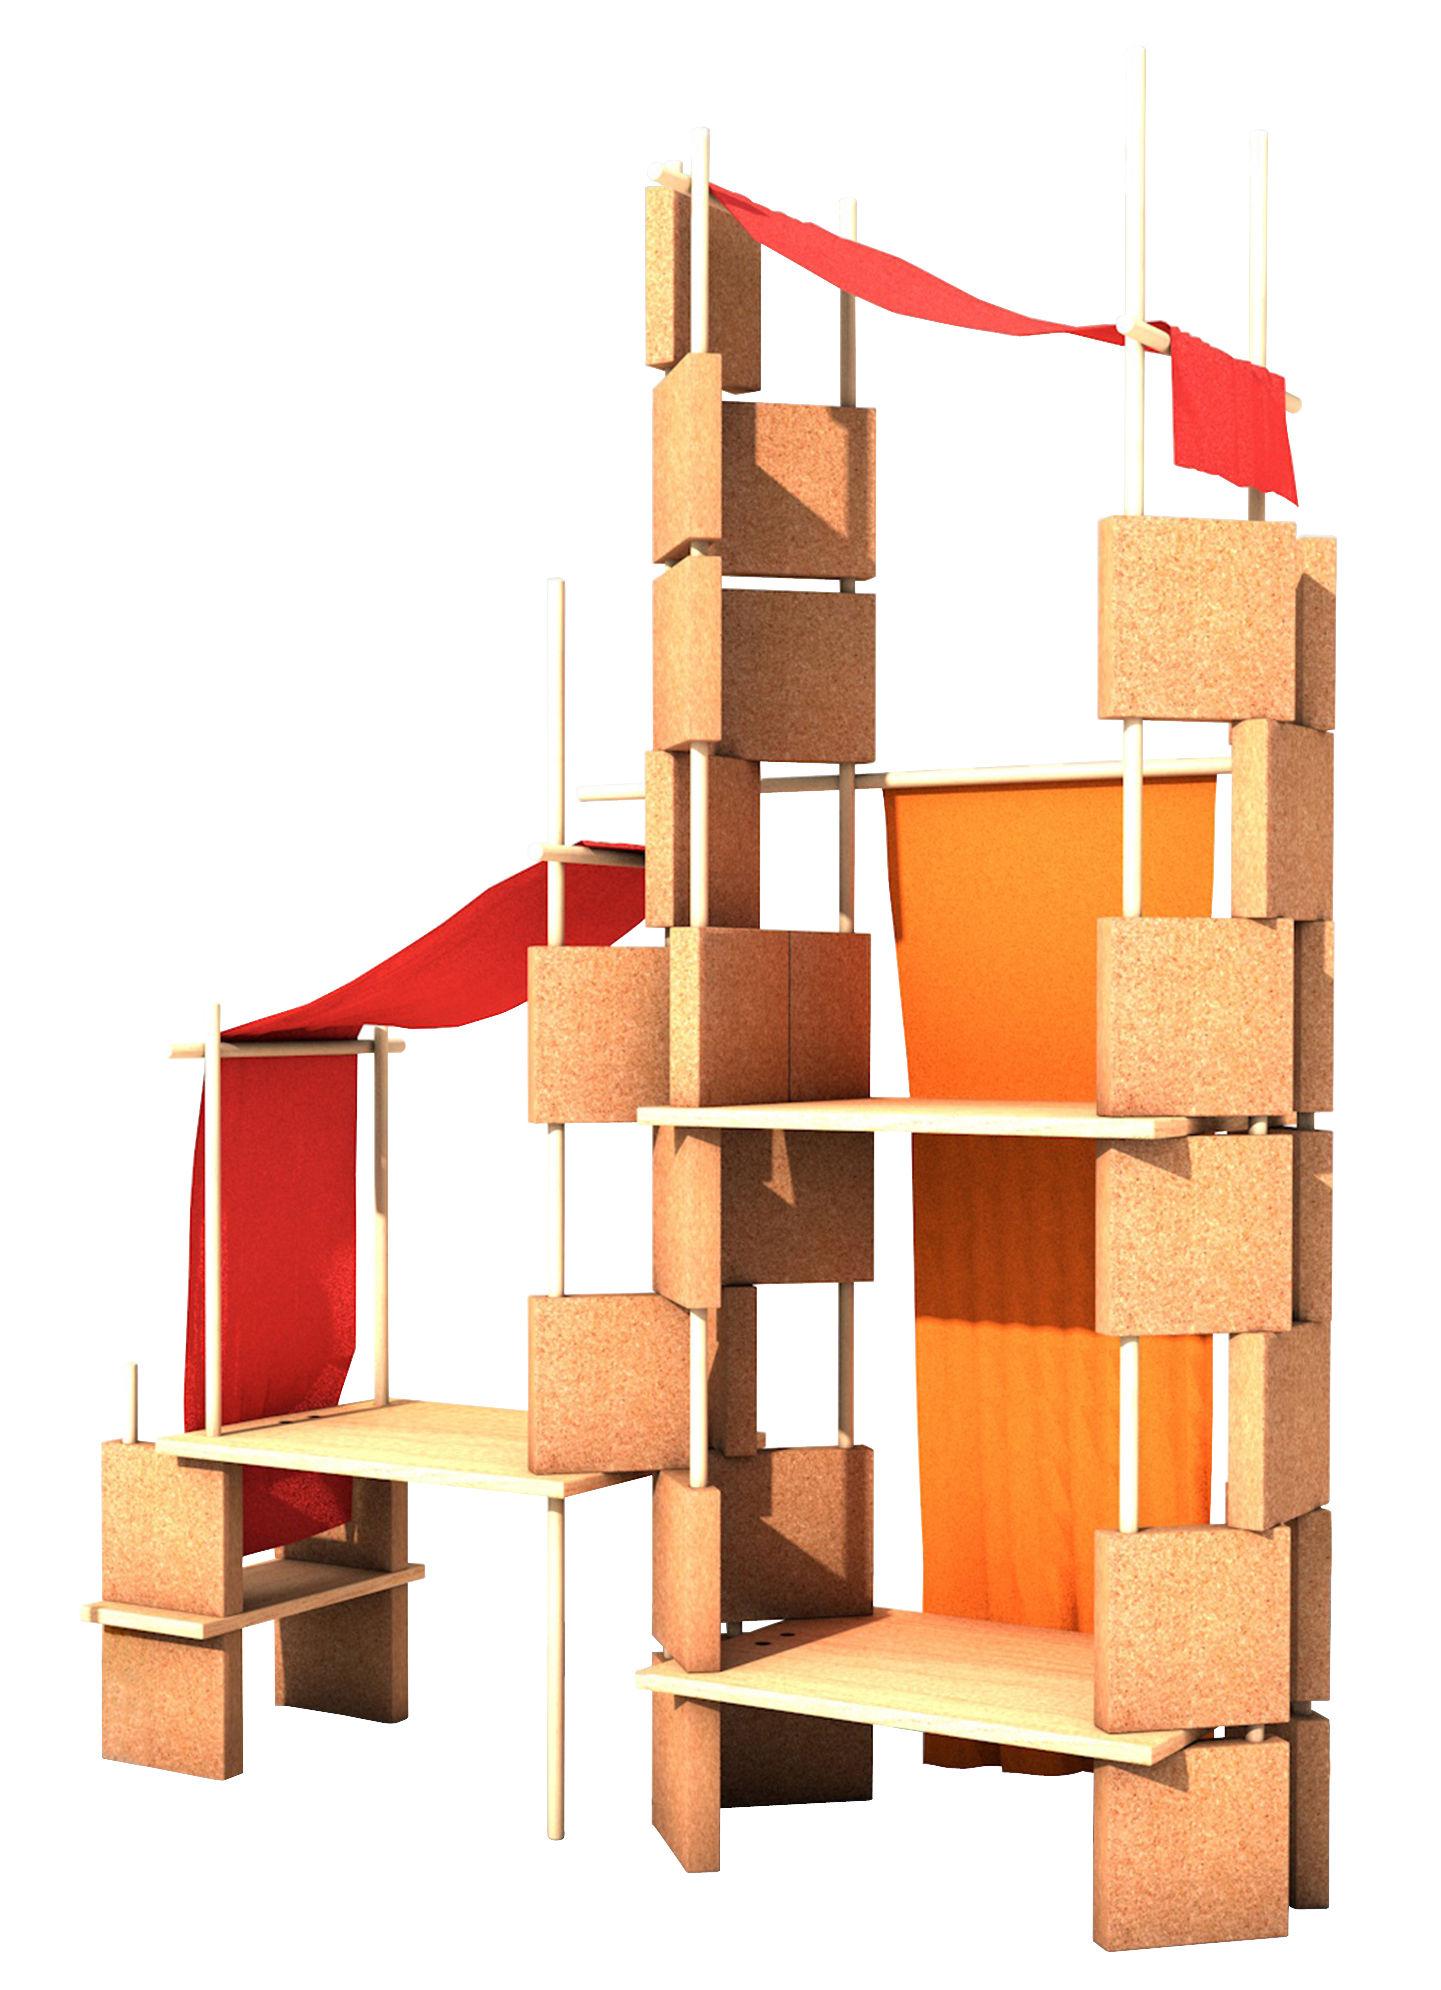 Arredamento - Scaffali e librerie - Mobile in evoluzione Play Yet 3! - / Per bambini - Set 86 pezzi di Smarin - Legno naturale / Tessuto rosso - Faggio naturale, Rovere naturale, Sughero, Tessuto